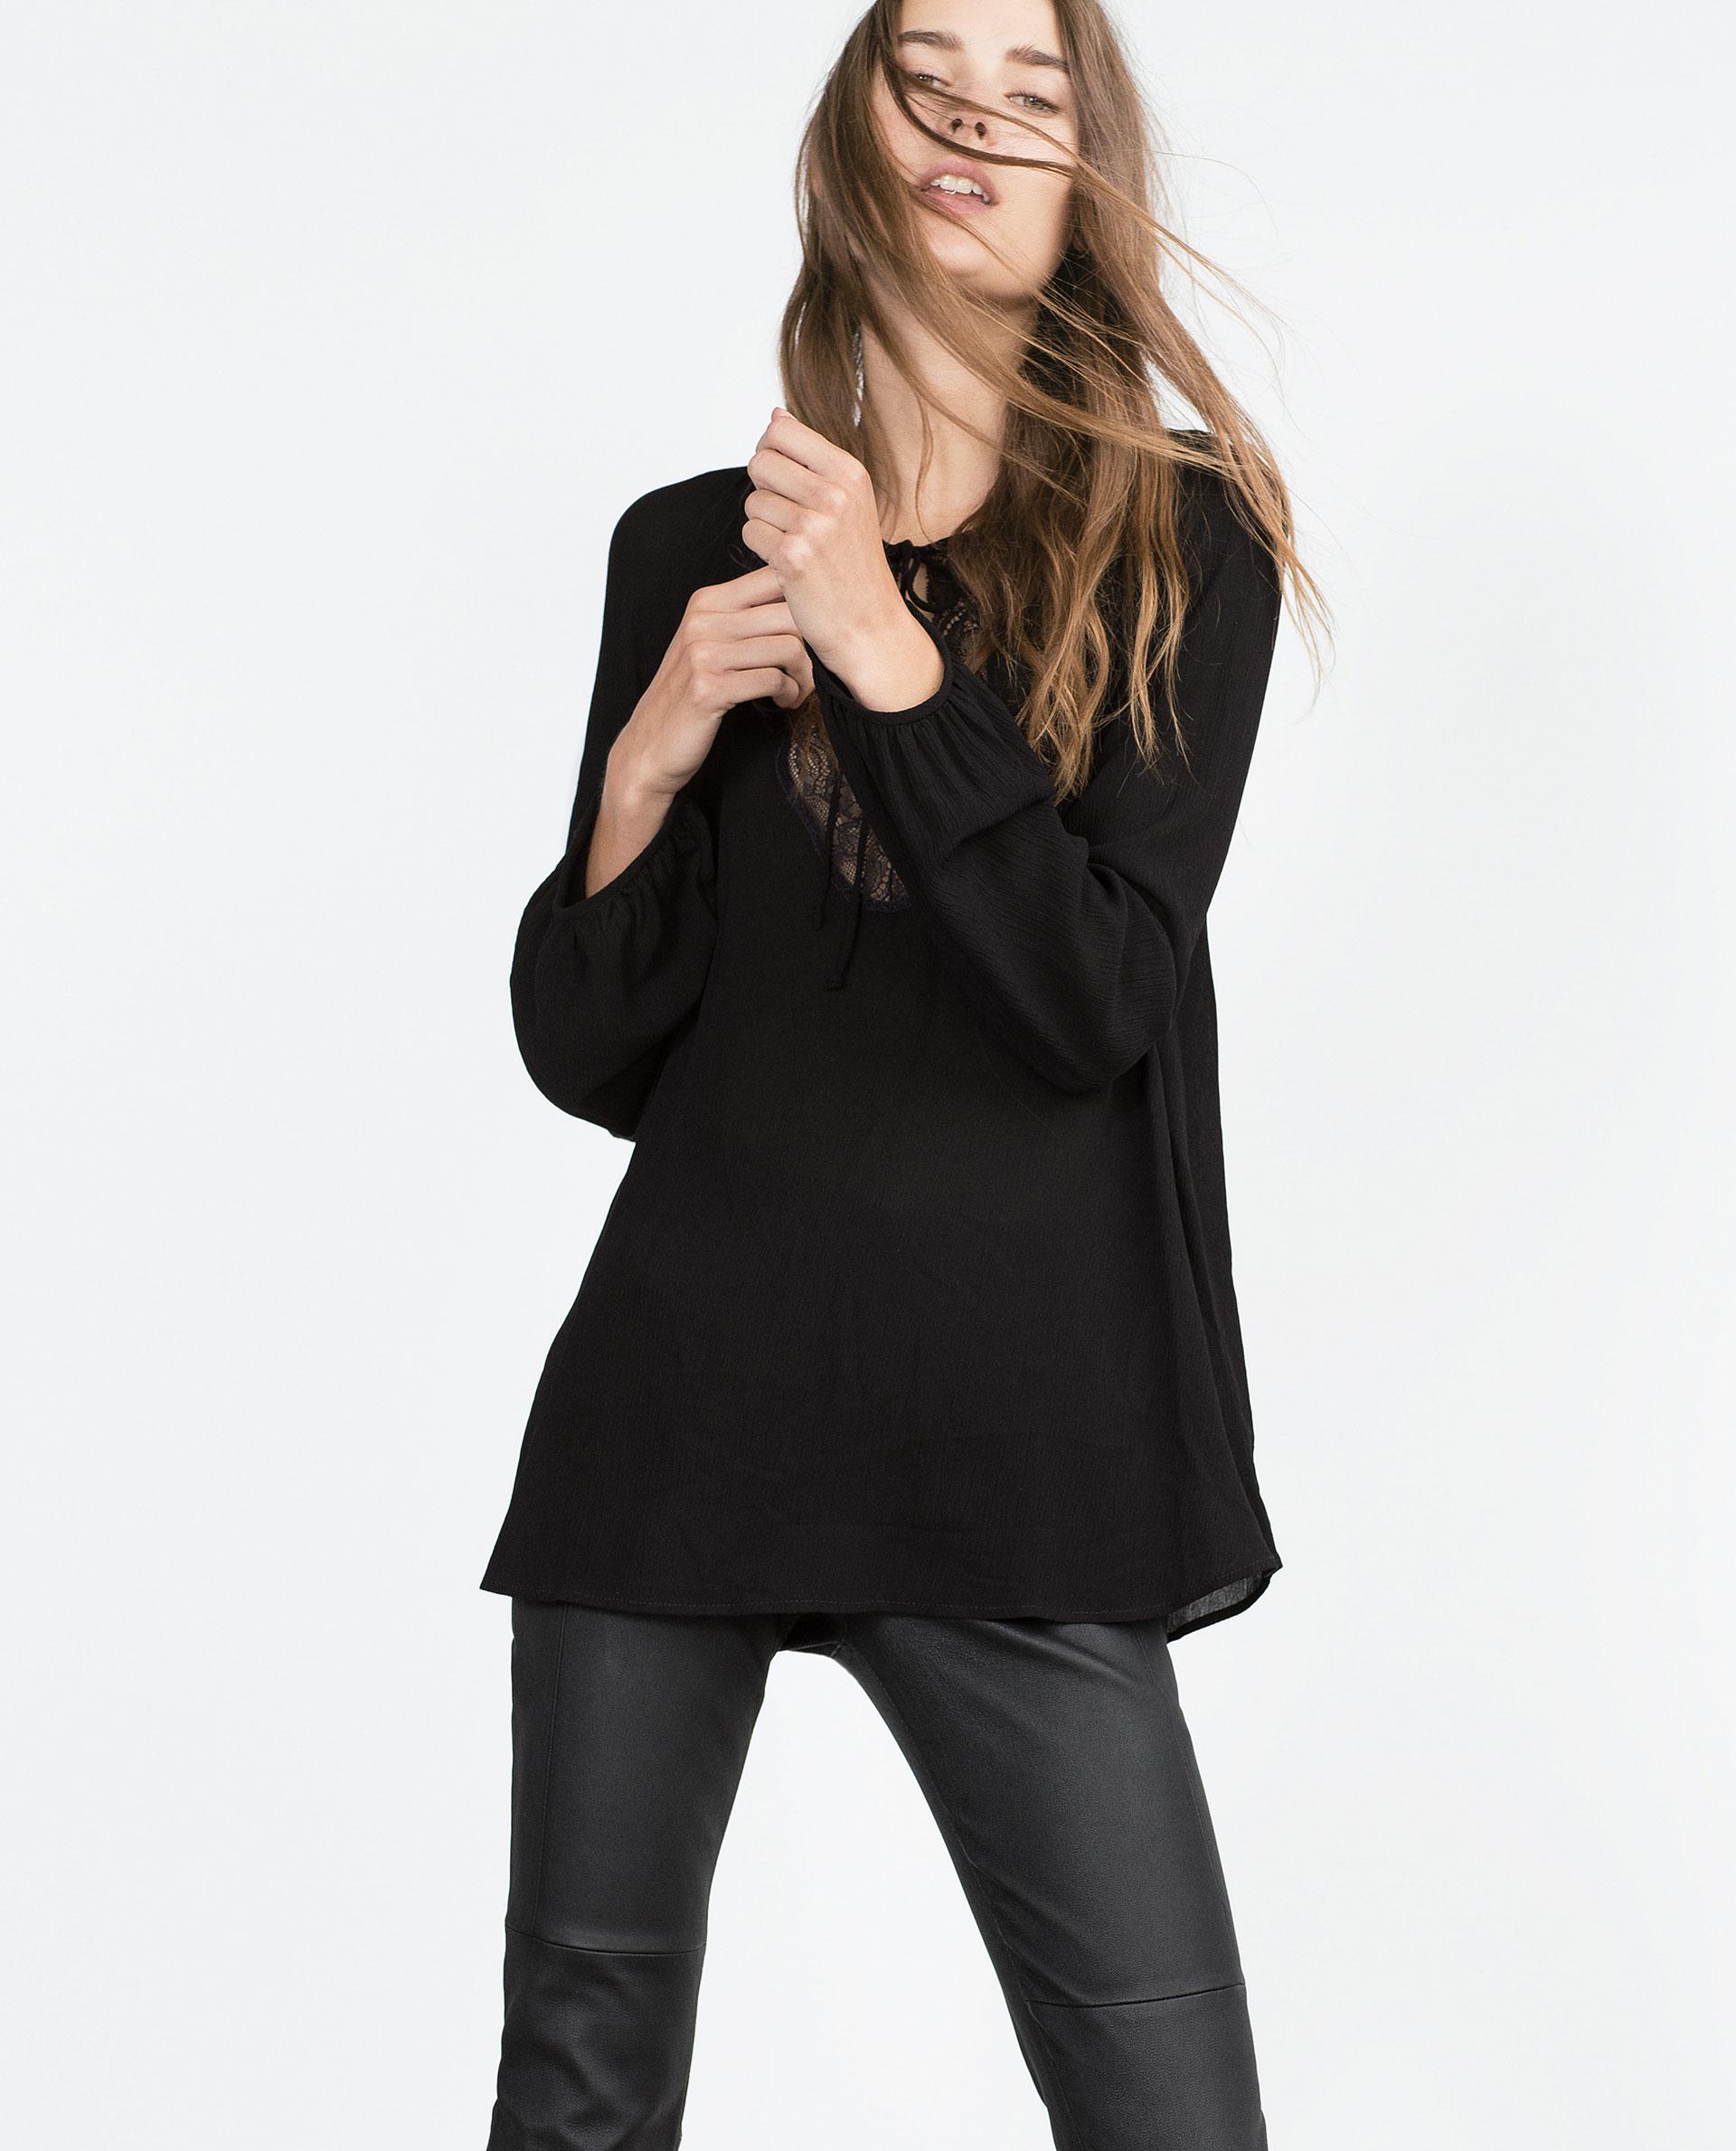 Zara Black Lace Blouse 48